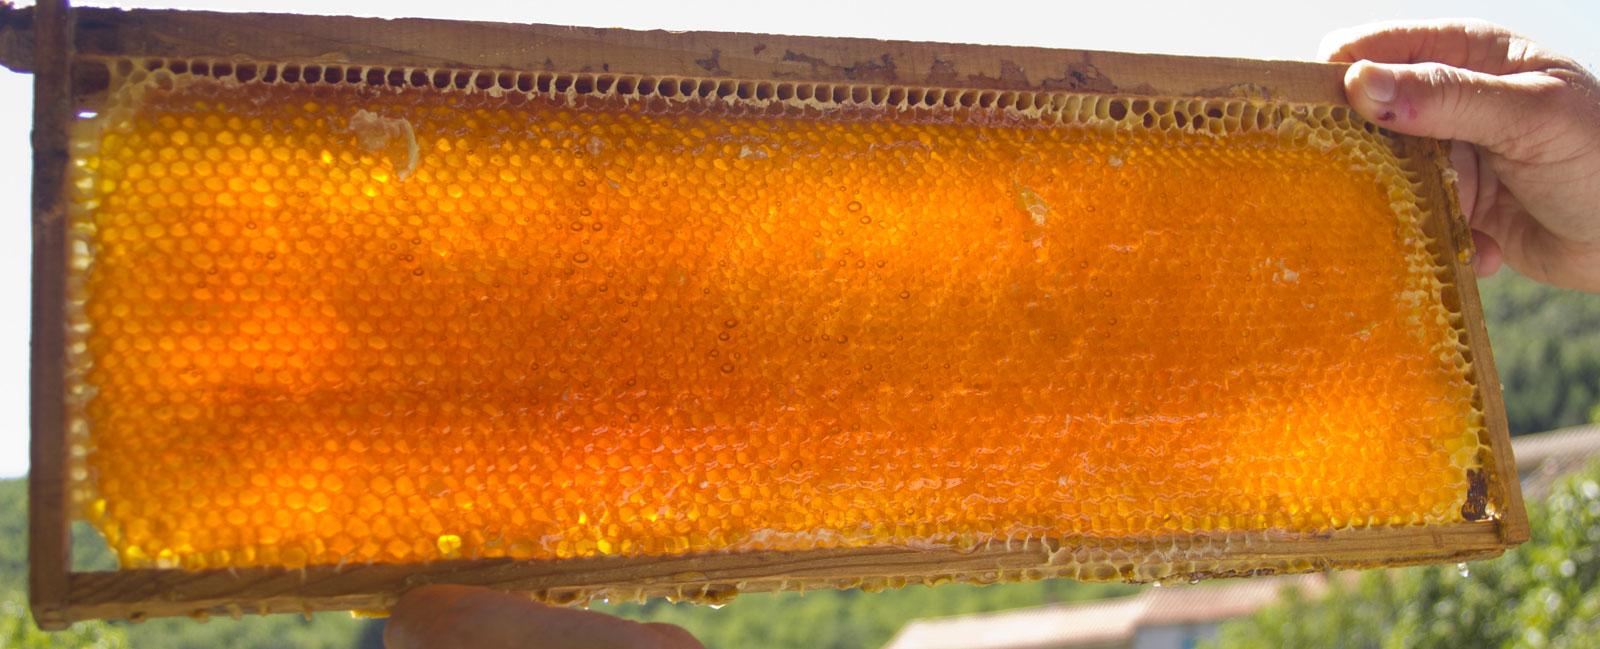 Rayon de miel à la Maison de l'abeille